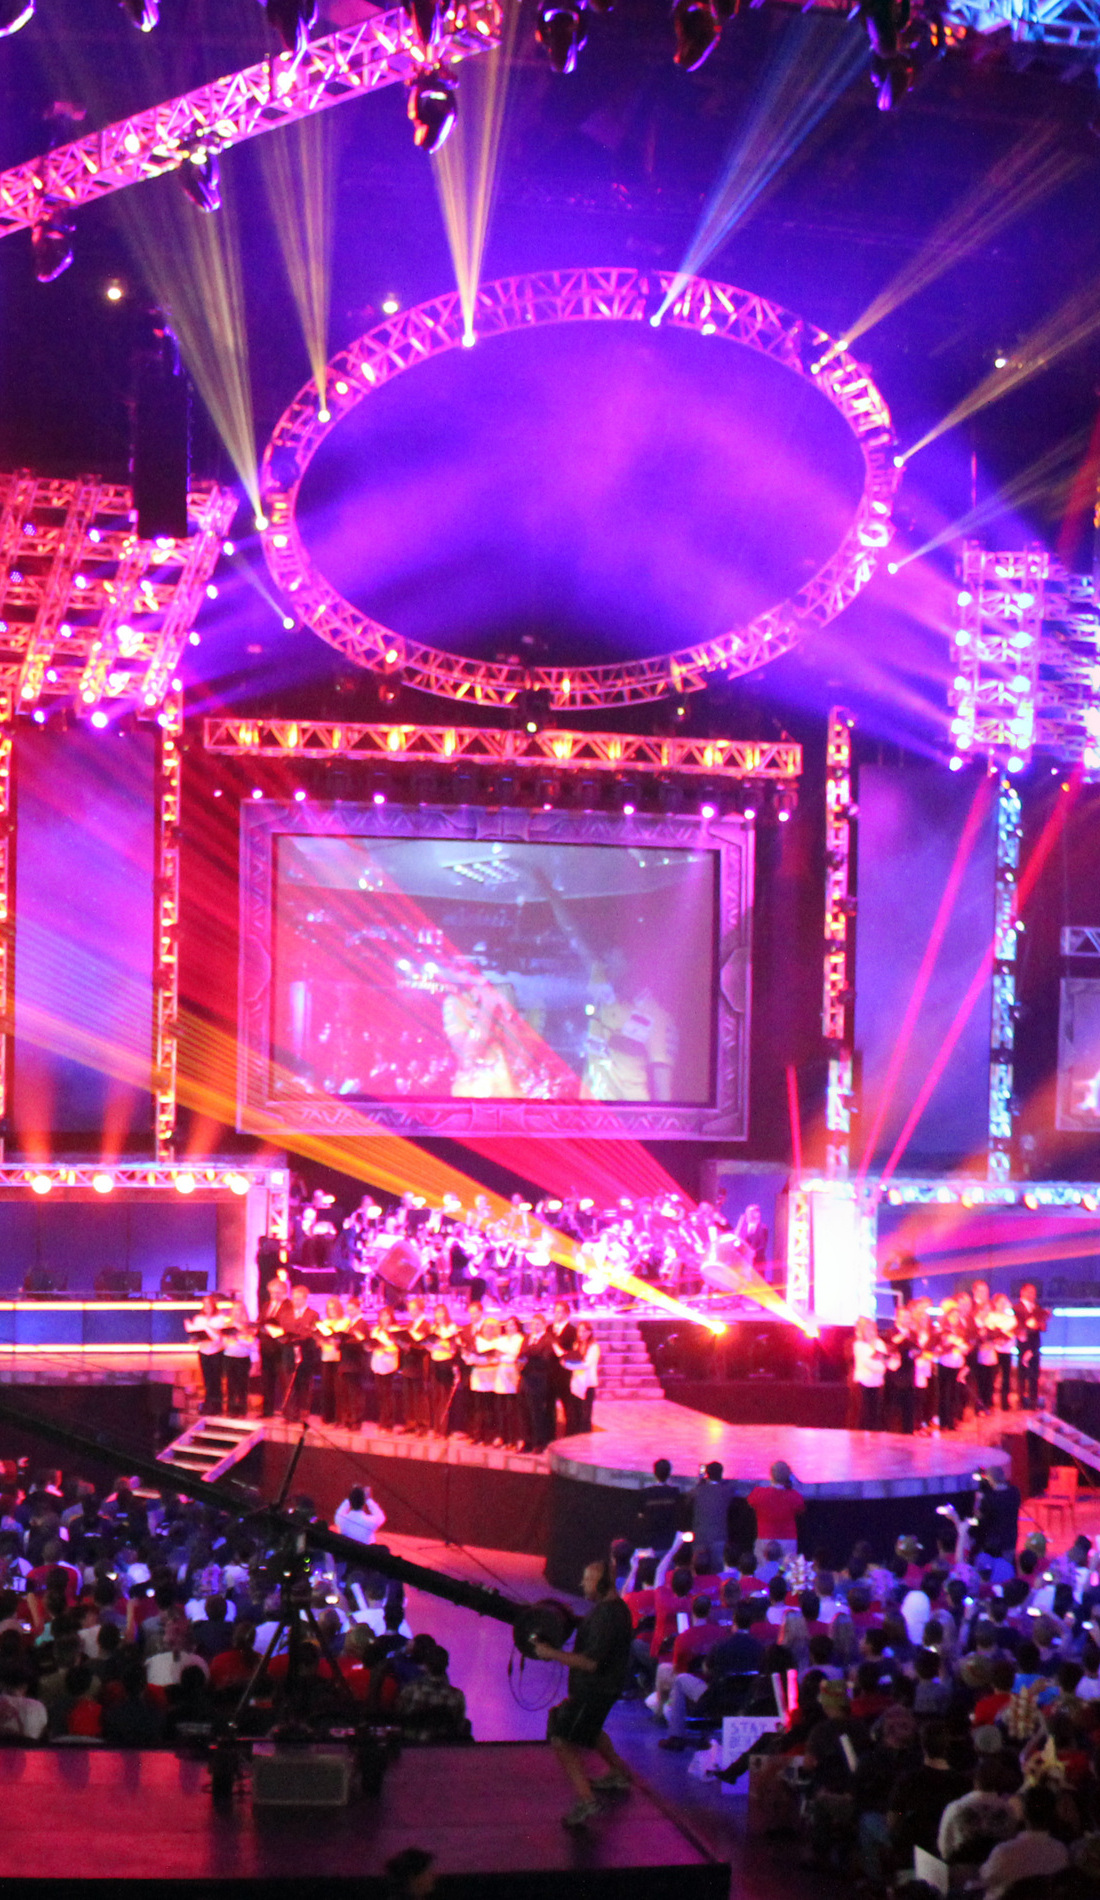 A League of Legends live event